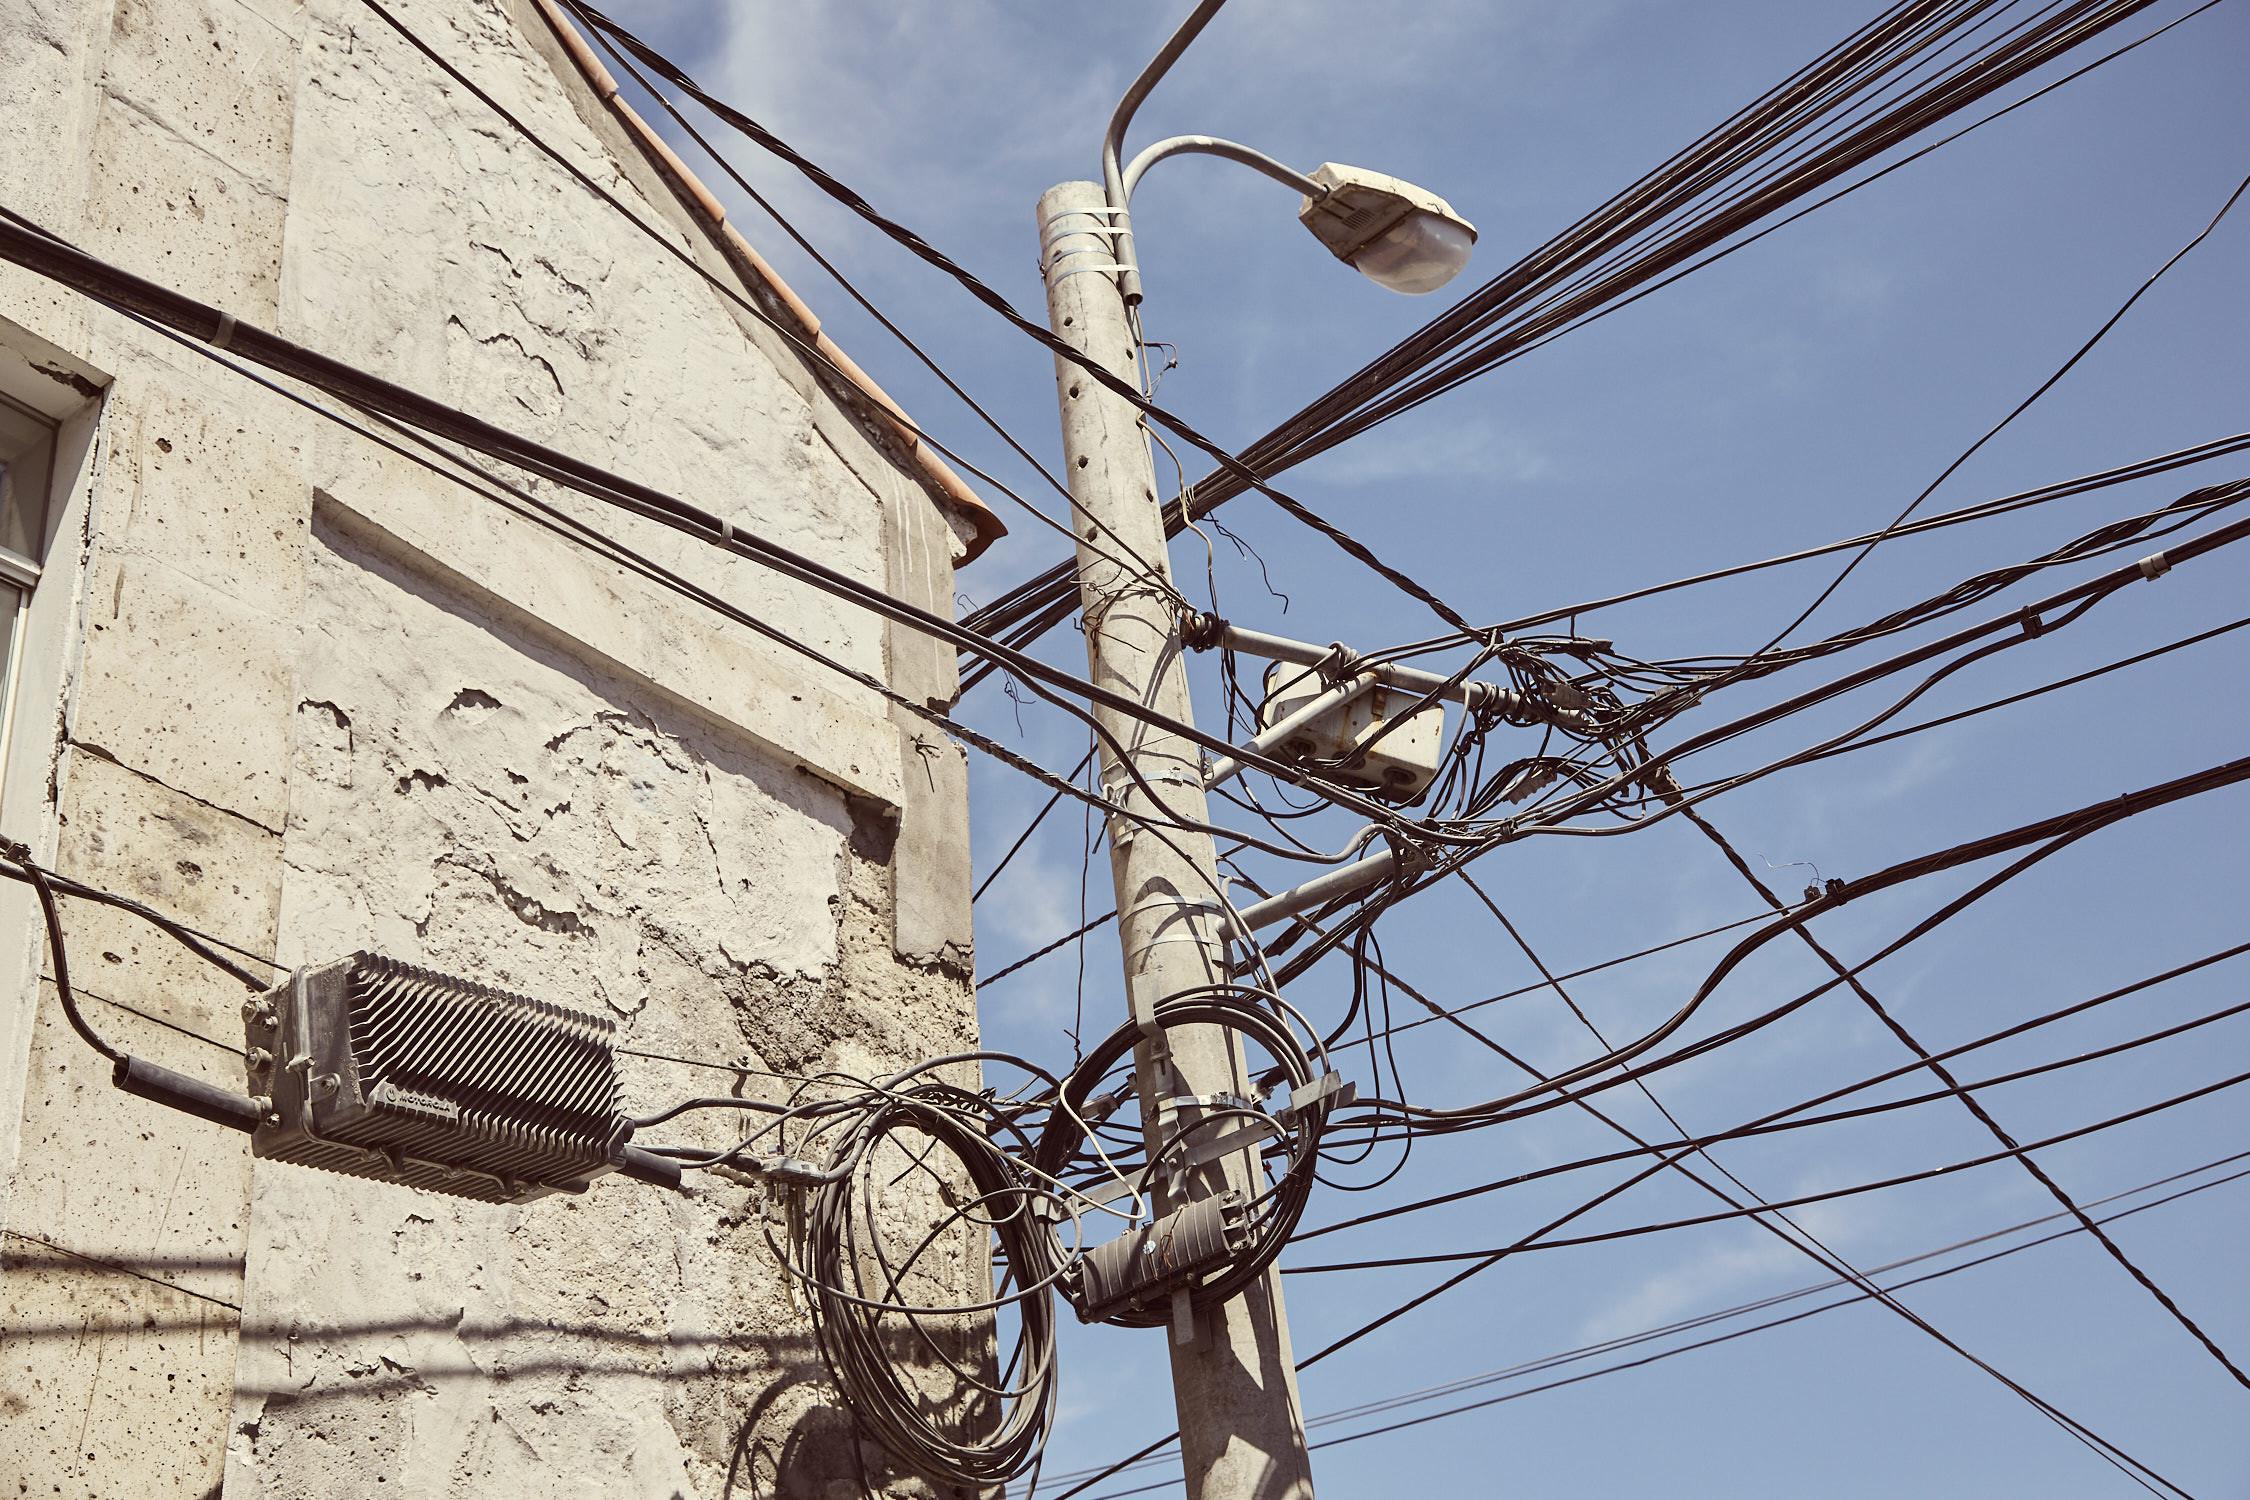 Yanahuara Arequipa. Stromkabel durcheinander verbunden, gewirbelt, konfus angebracht. Die Kreative Stromversorgung sieht man in Peru und Chile fast überall